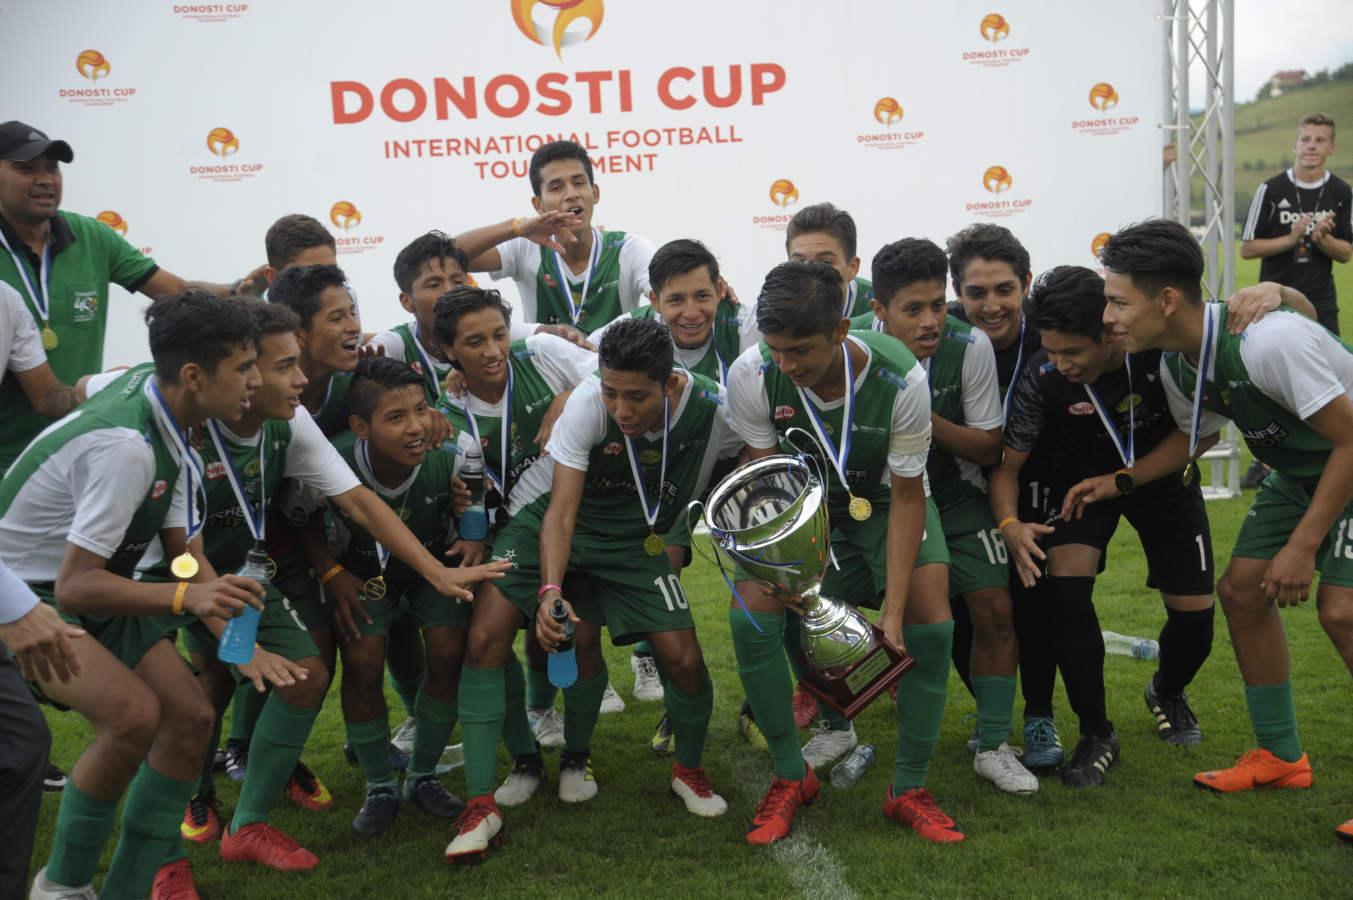 Las mejores imágenes de otras ediciones de la Donosti Cup